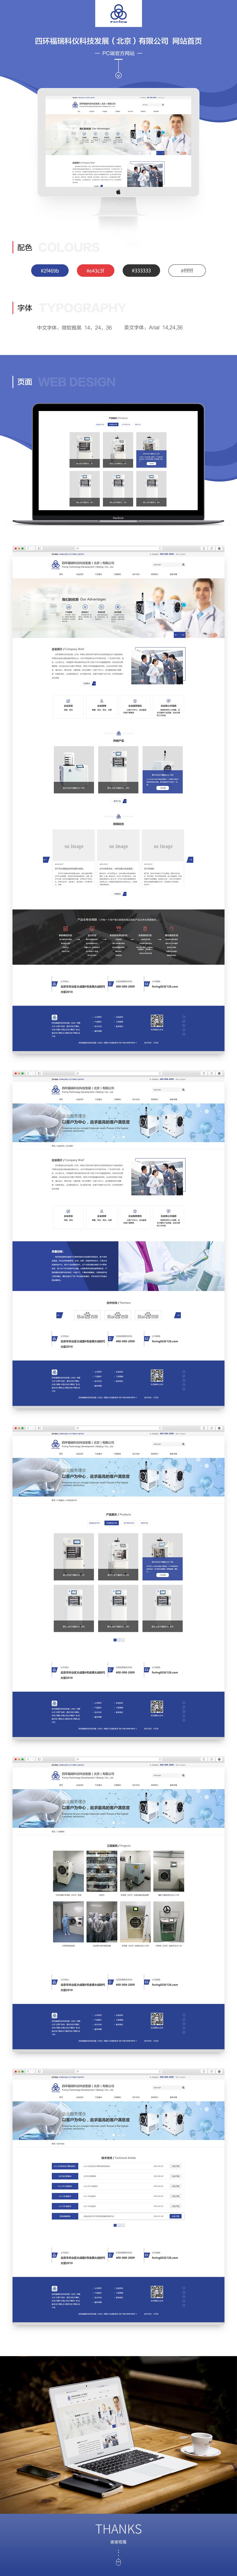 公司案例展示2018-35四環福瑞科技有限公司